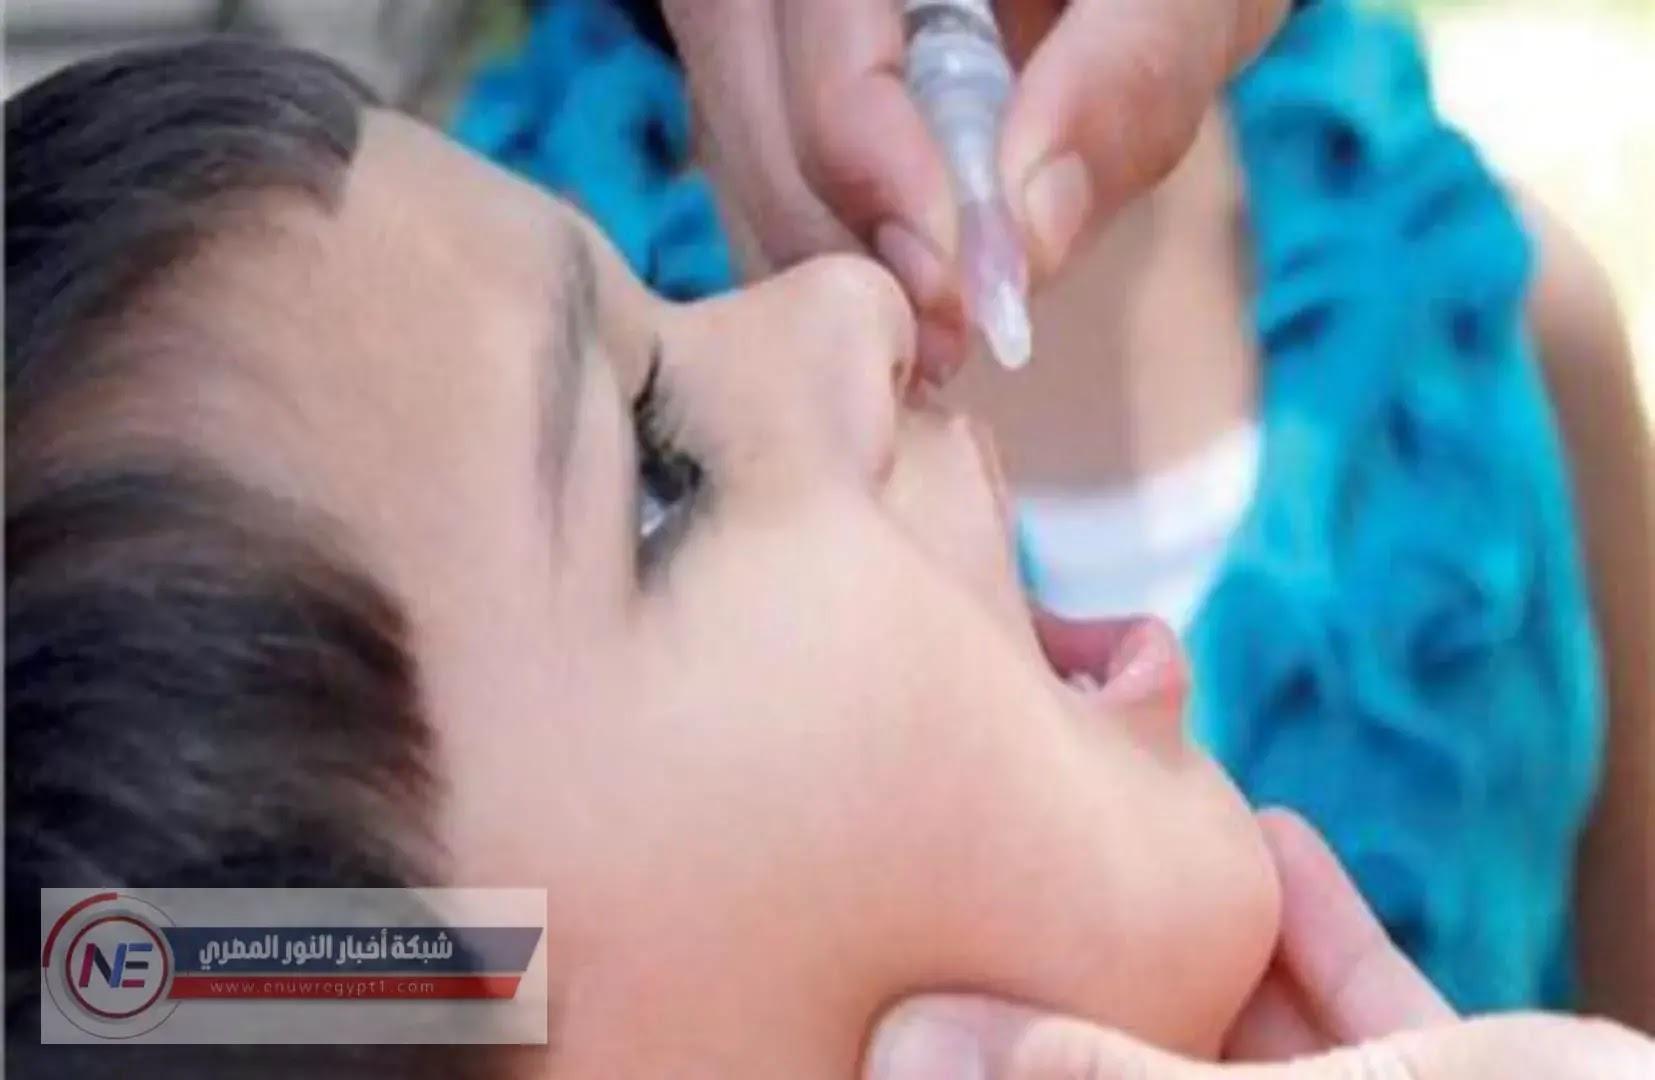 وزارة الصحة المصرية | بدأ حملة التطعيم ضد شلل الأطفال | اخر مواعيد التطعيم و الفئة العمرية للتطعيم بالتفاصيل